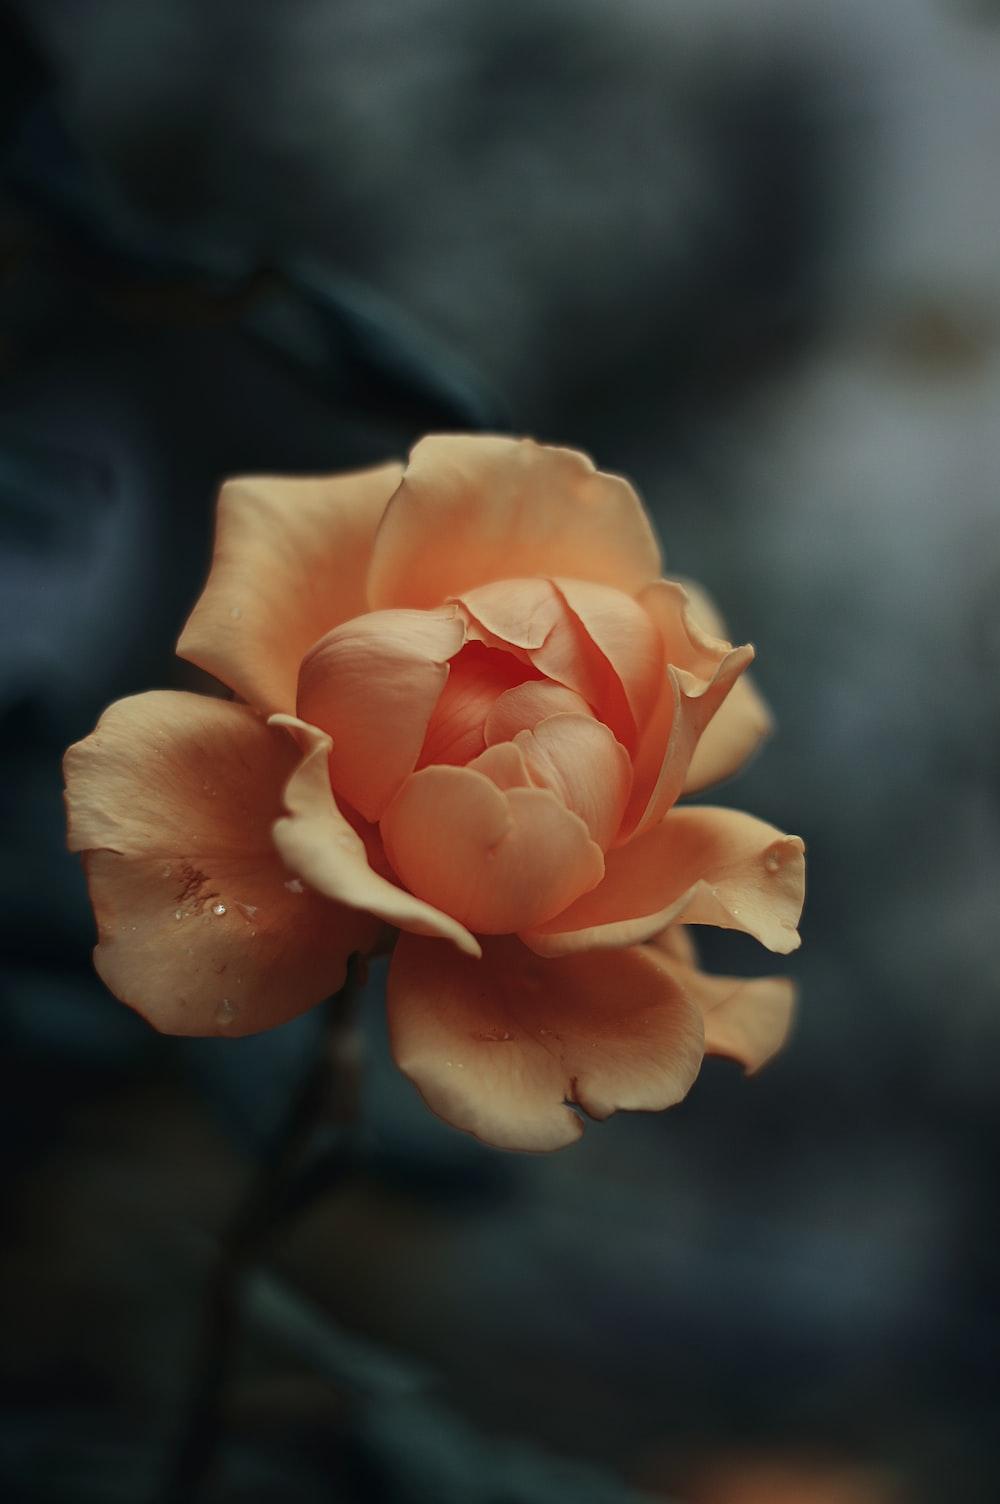 close-up photography orange petaled flower